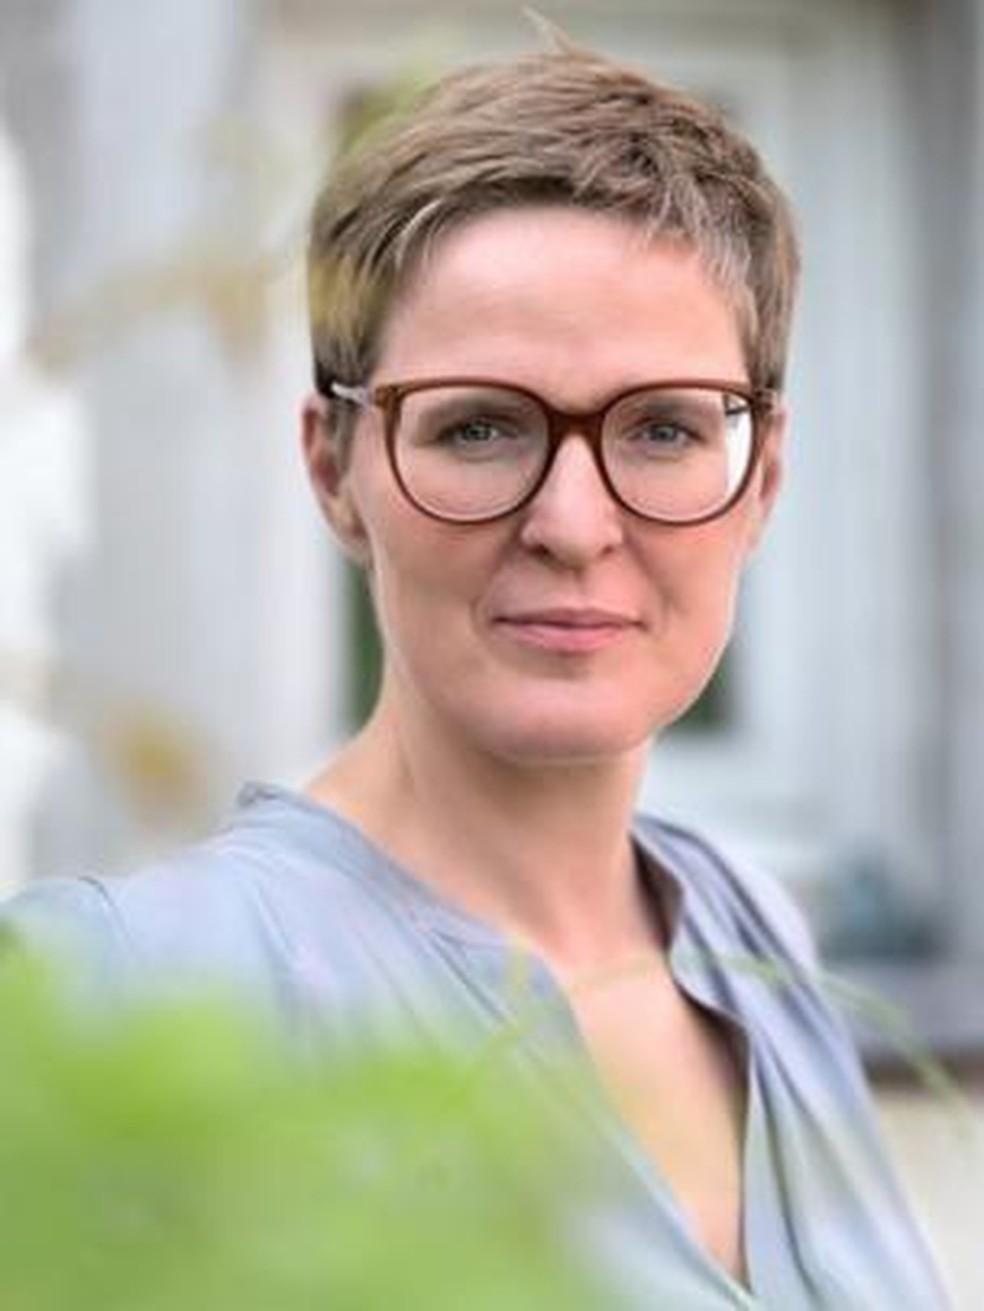 Elke Van Hoof, professora de psicologia da saúde na Universidade de Vrije, em Bruxelas, e especialista em estresse e trauma — Foto: Inge Wachtelaer/BBC